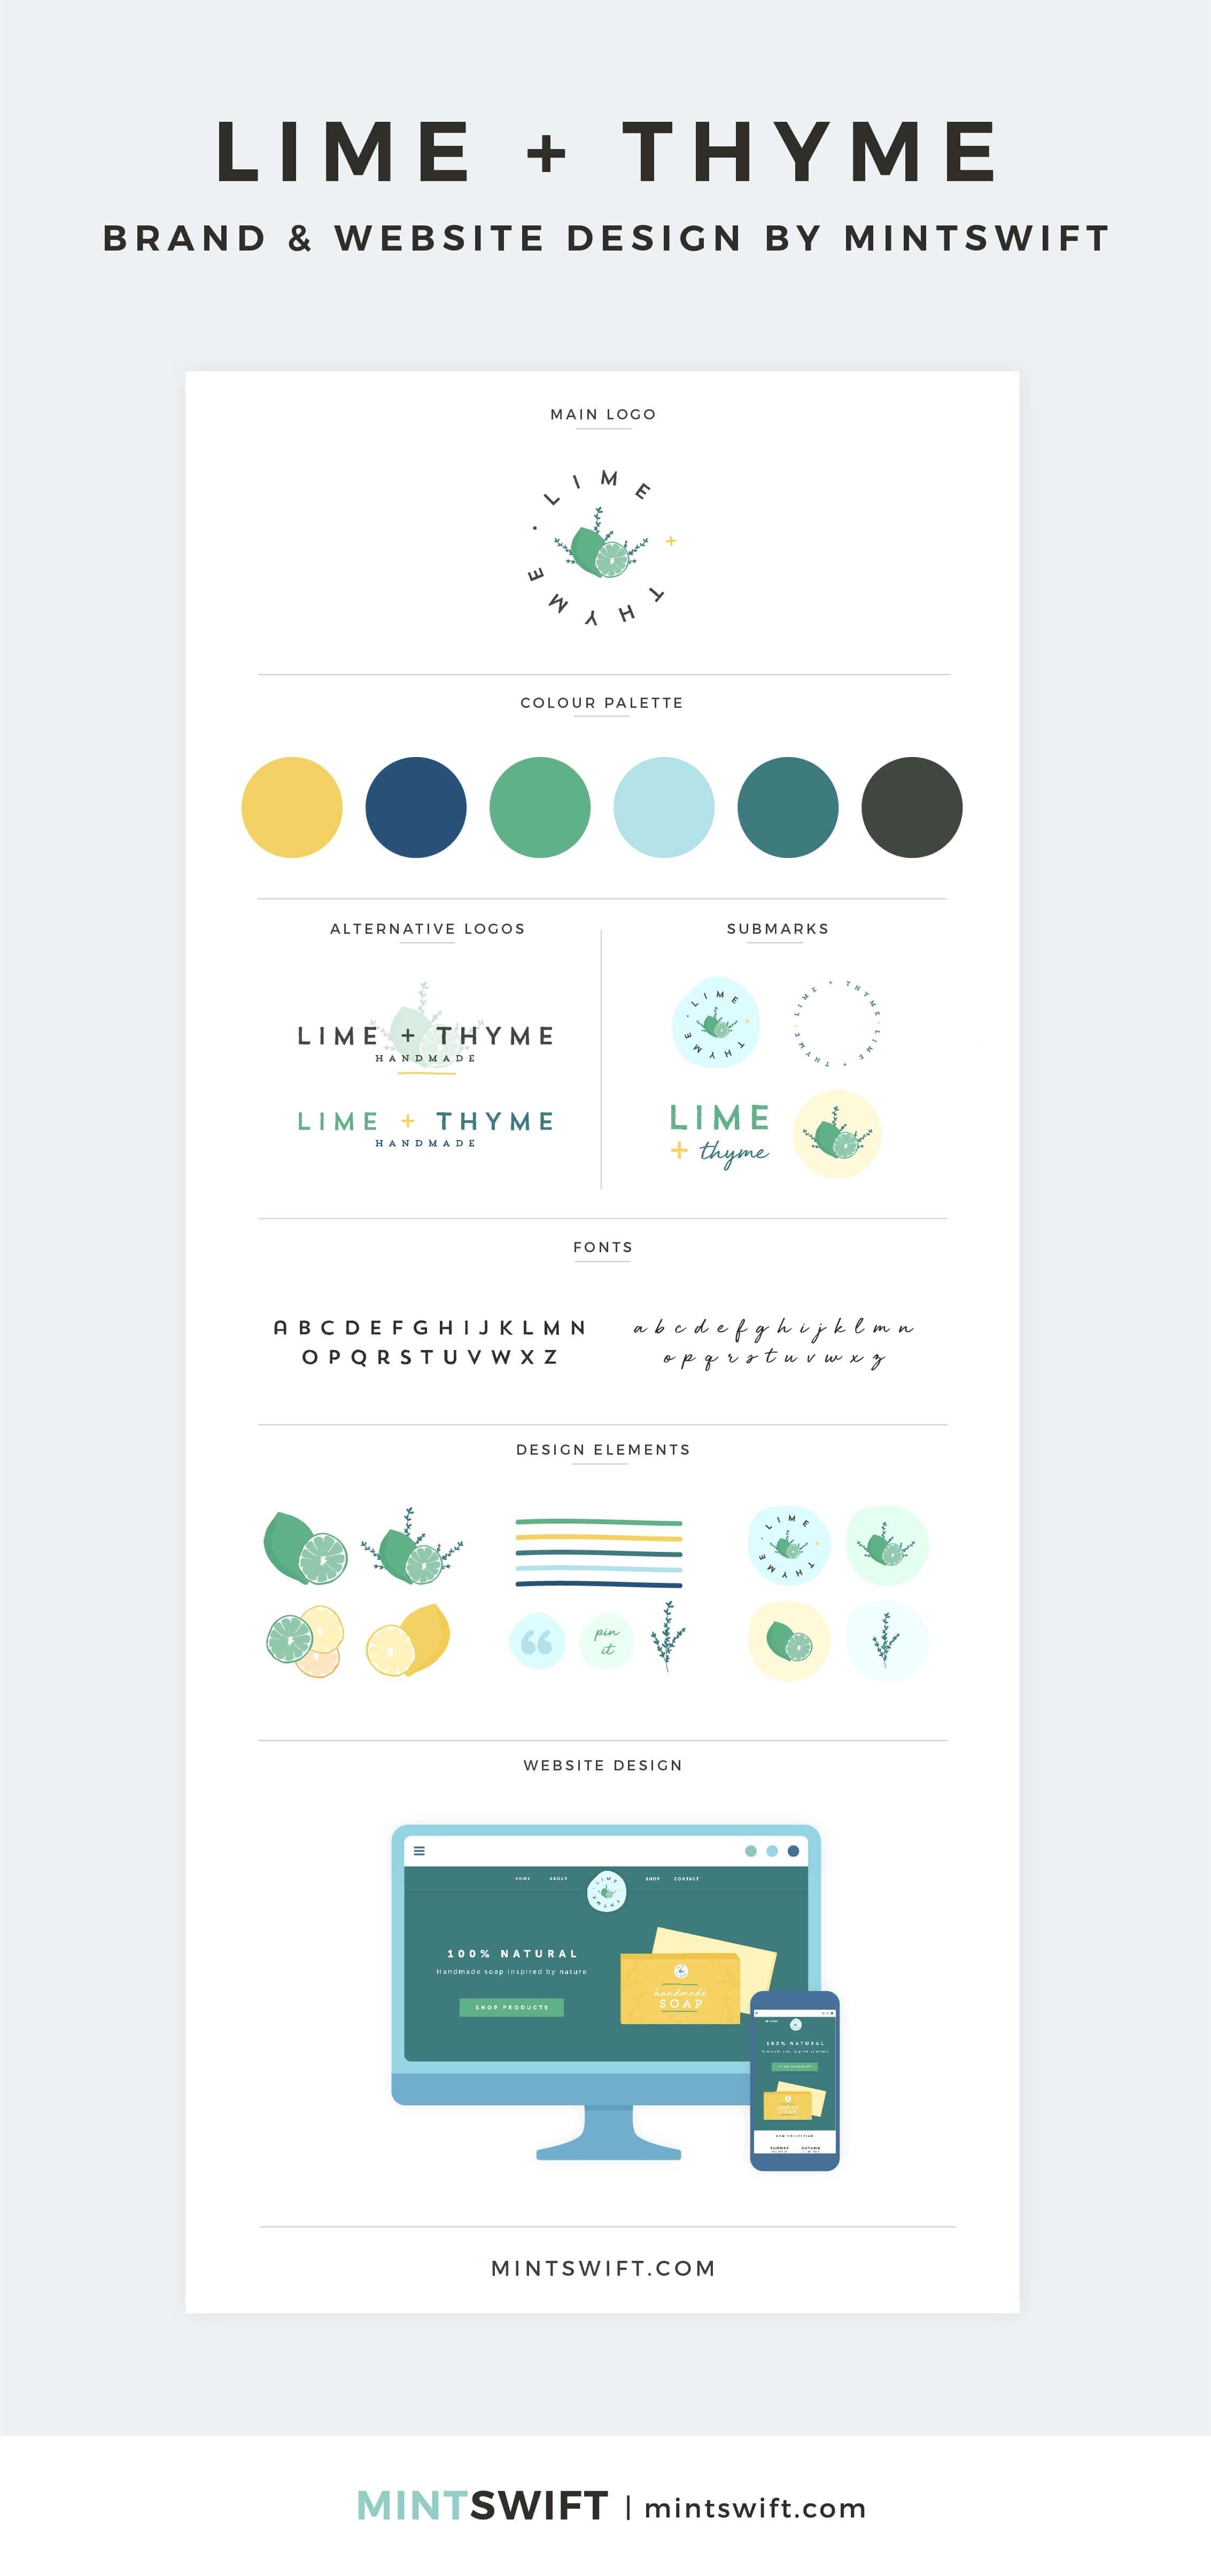 Lime + Thyme - Brand & Website Design by MintSwift - Adrianna Leszczynska